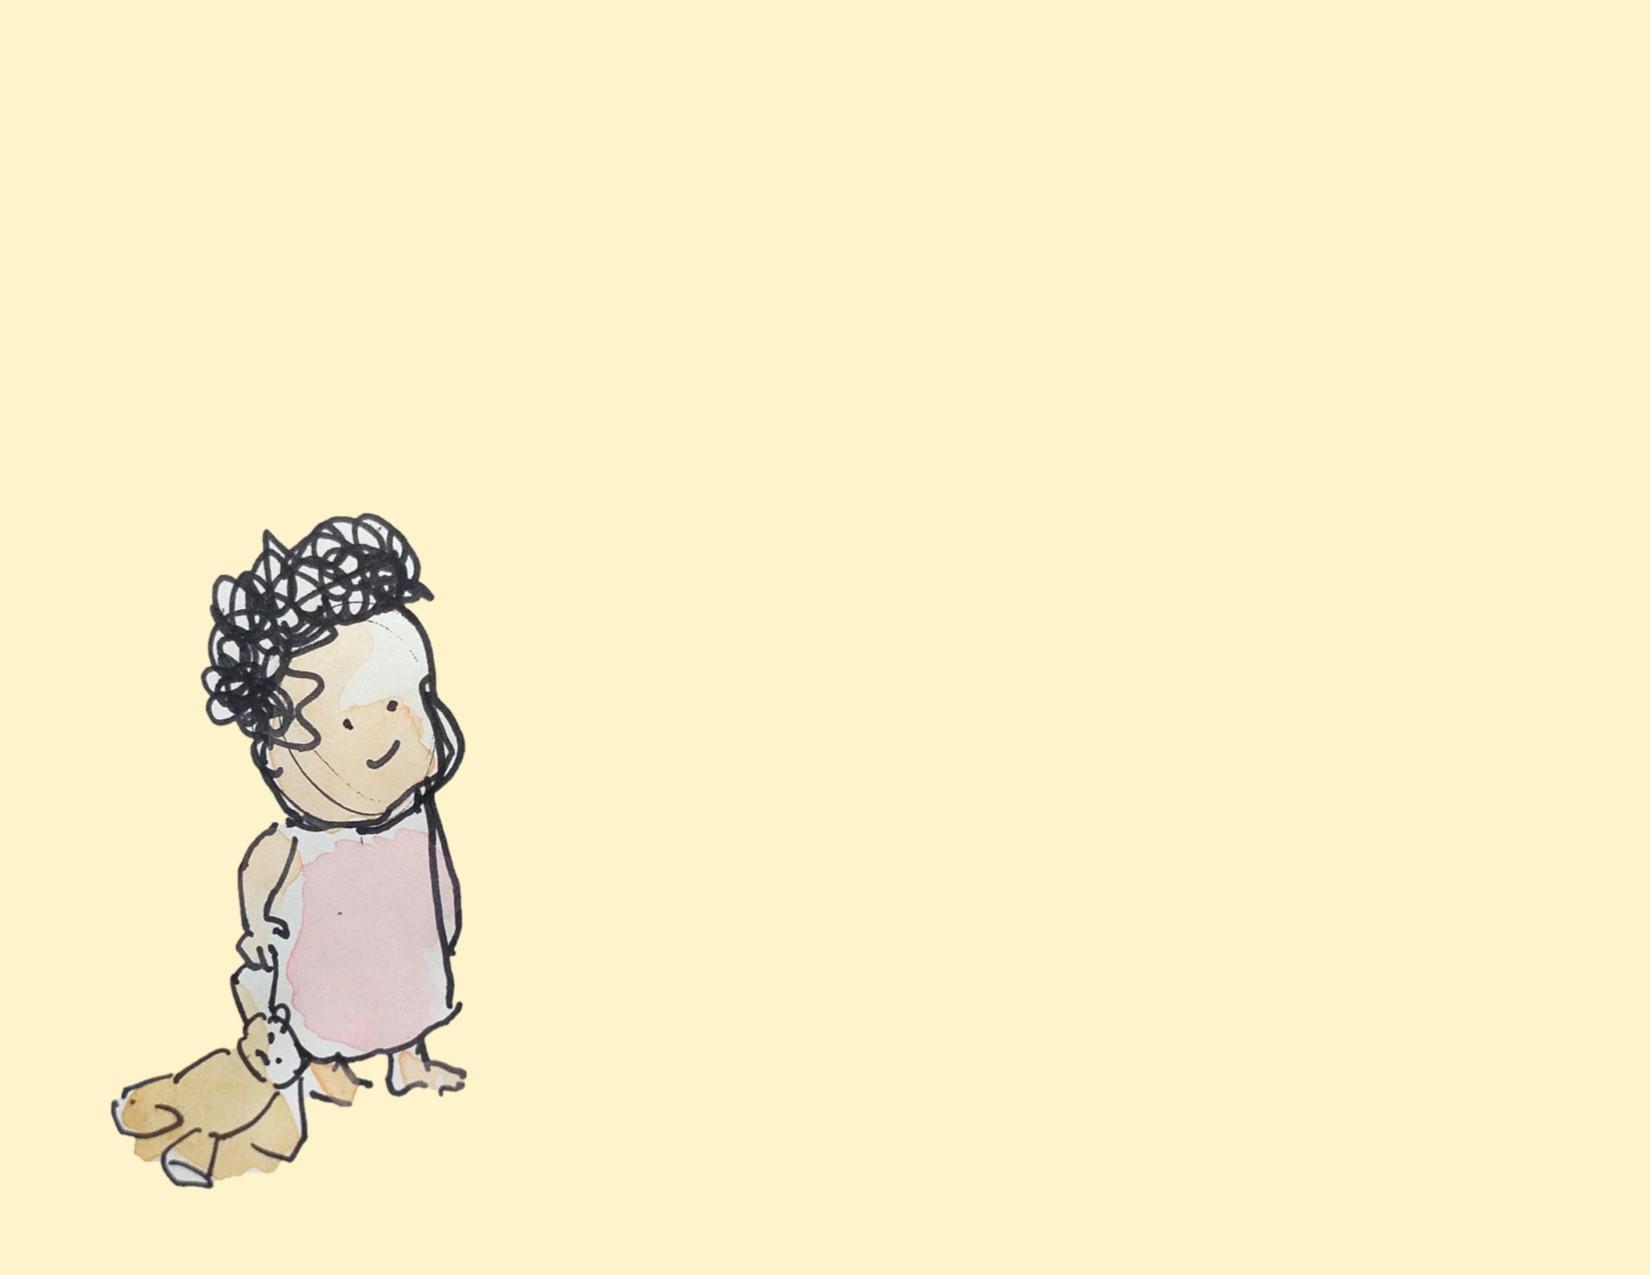 Alice and Teddy bear